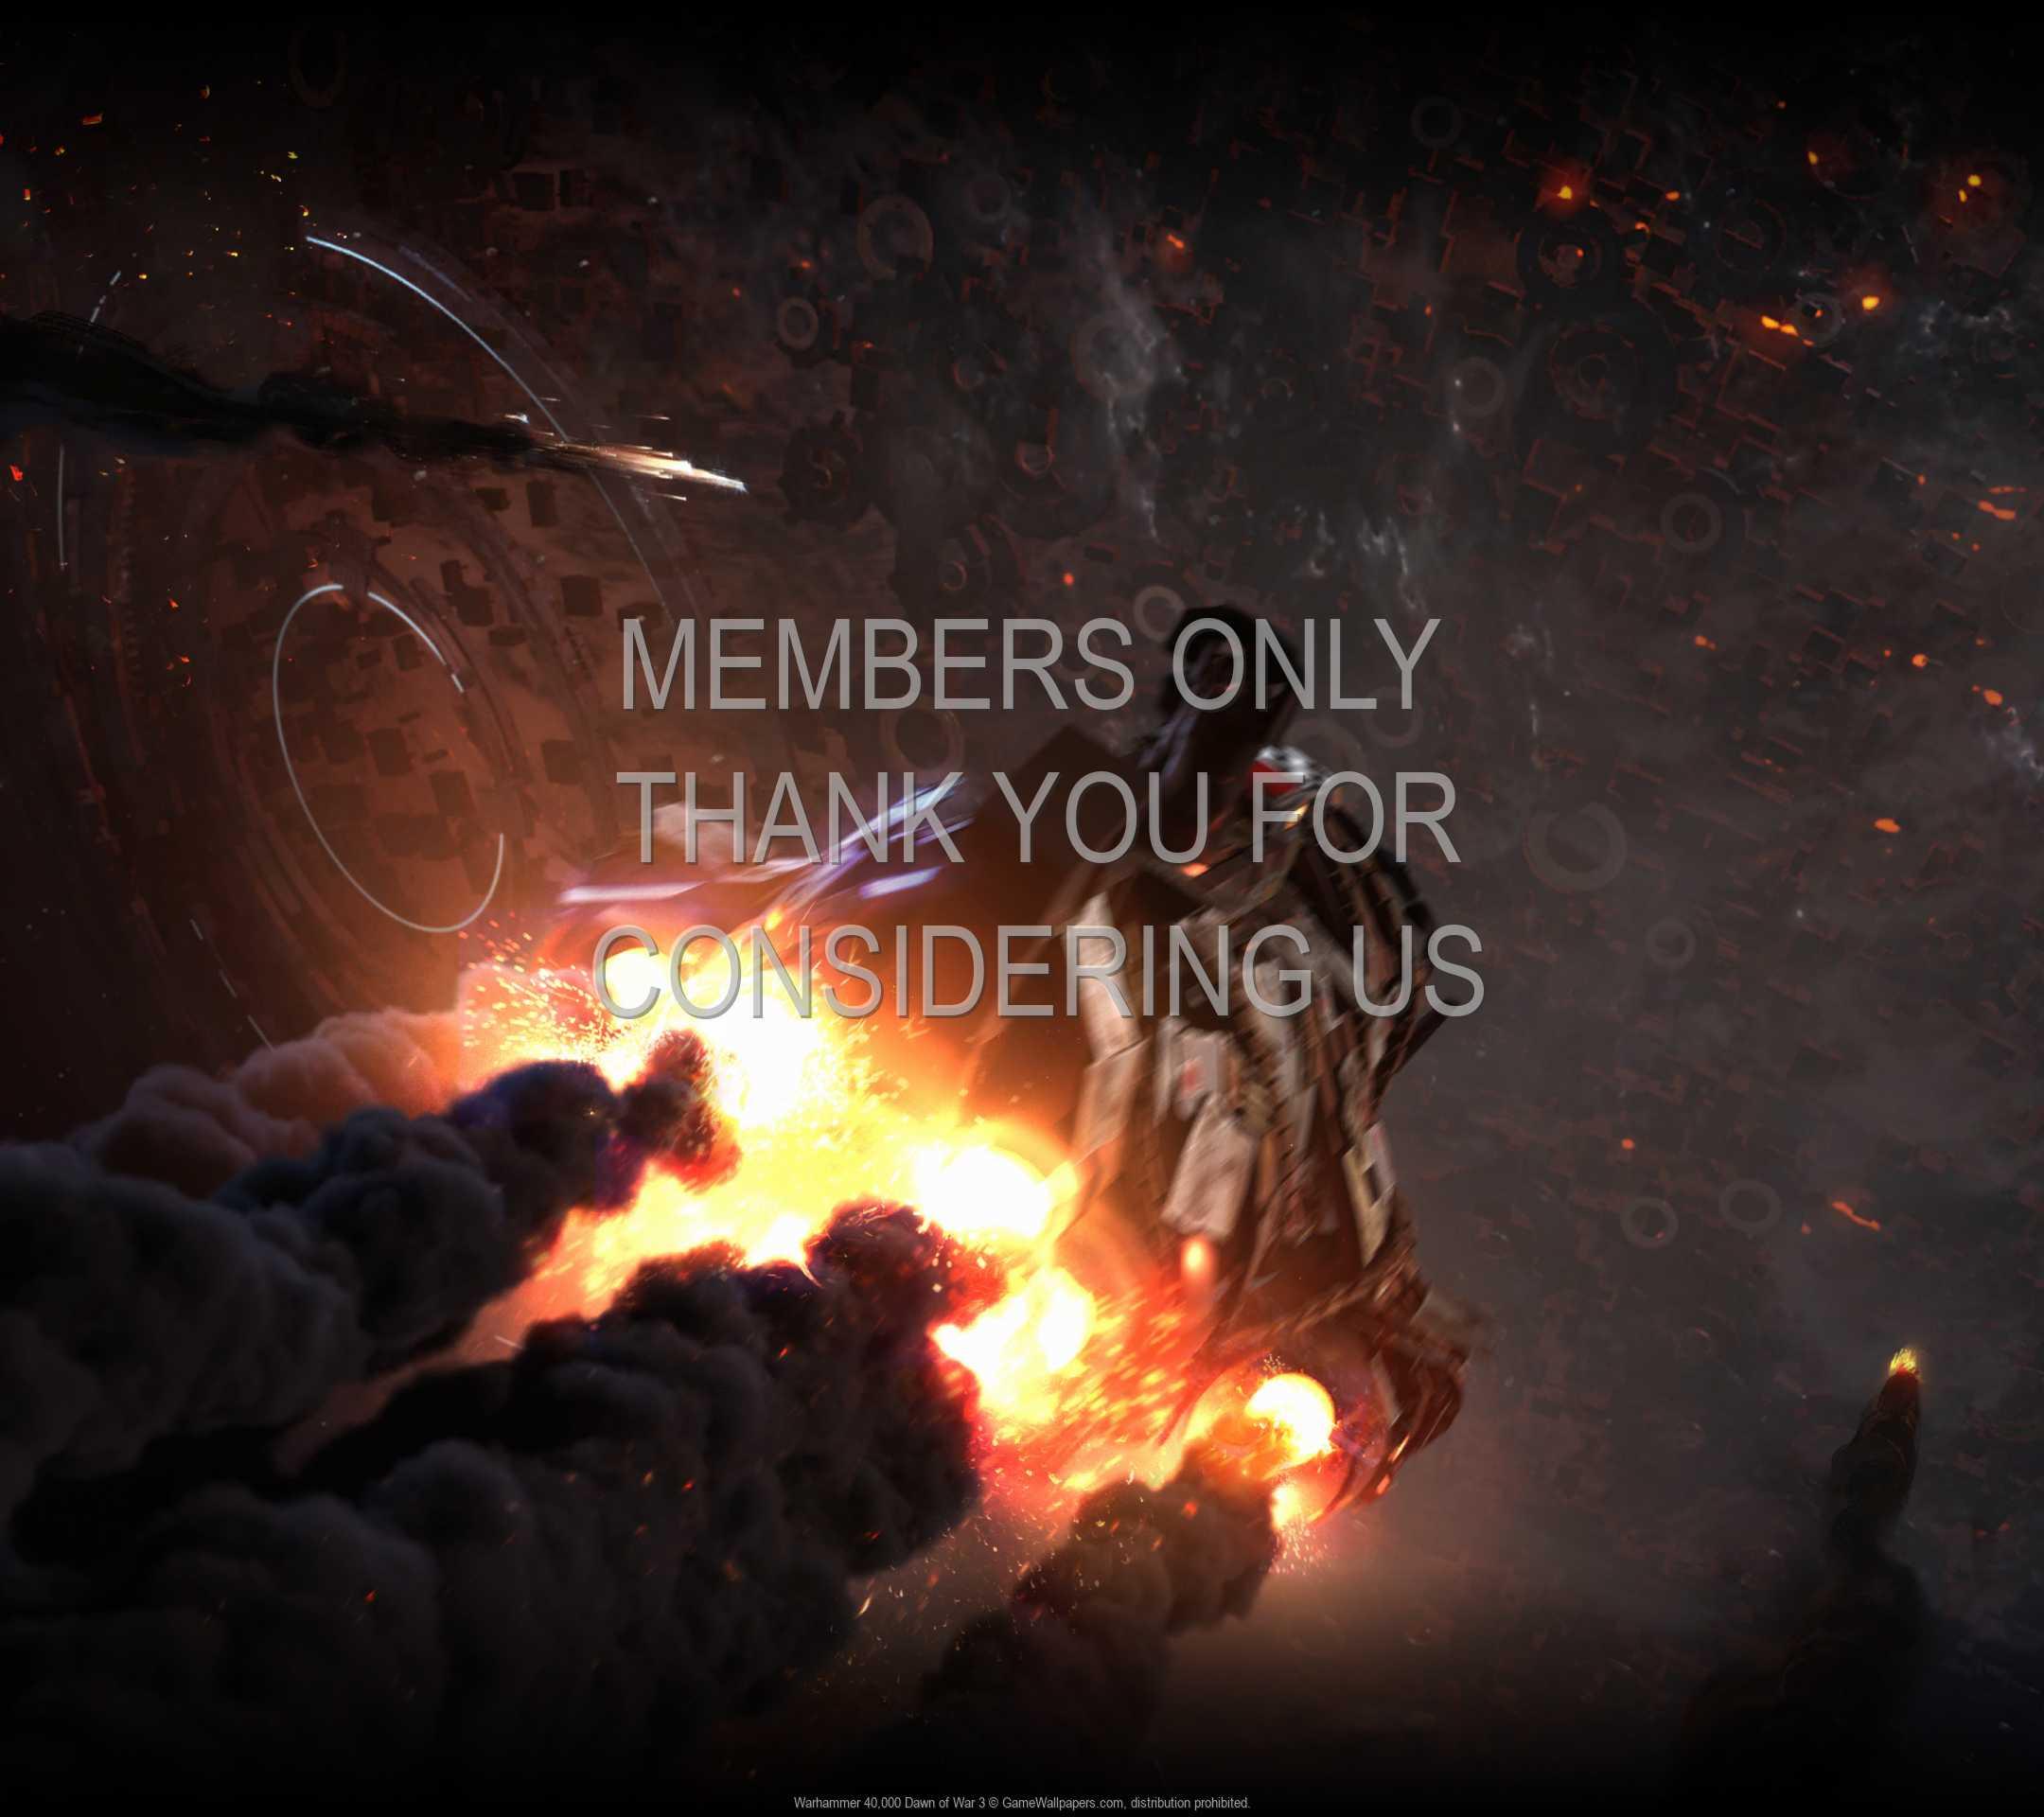 Warhammer 40,000: Dawn of War 3 1080p Horizontal Handy Hintergrundbild 11